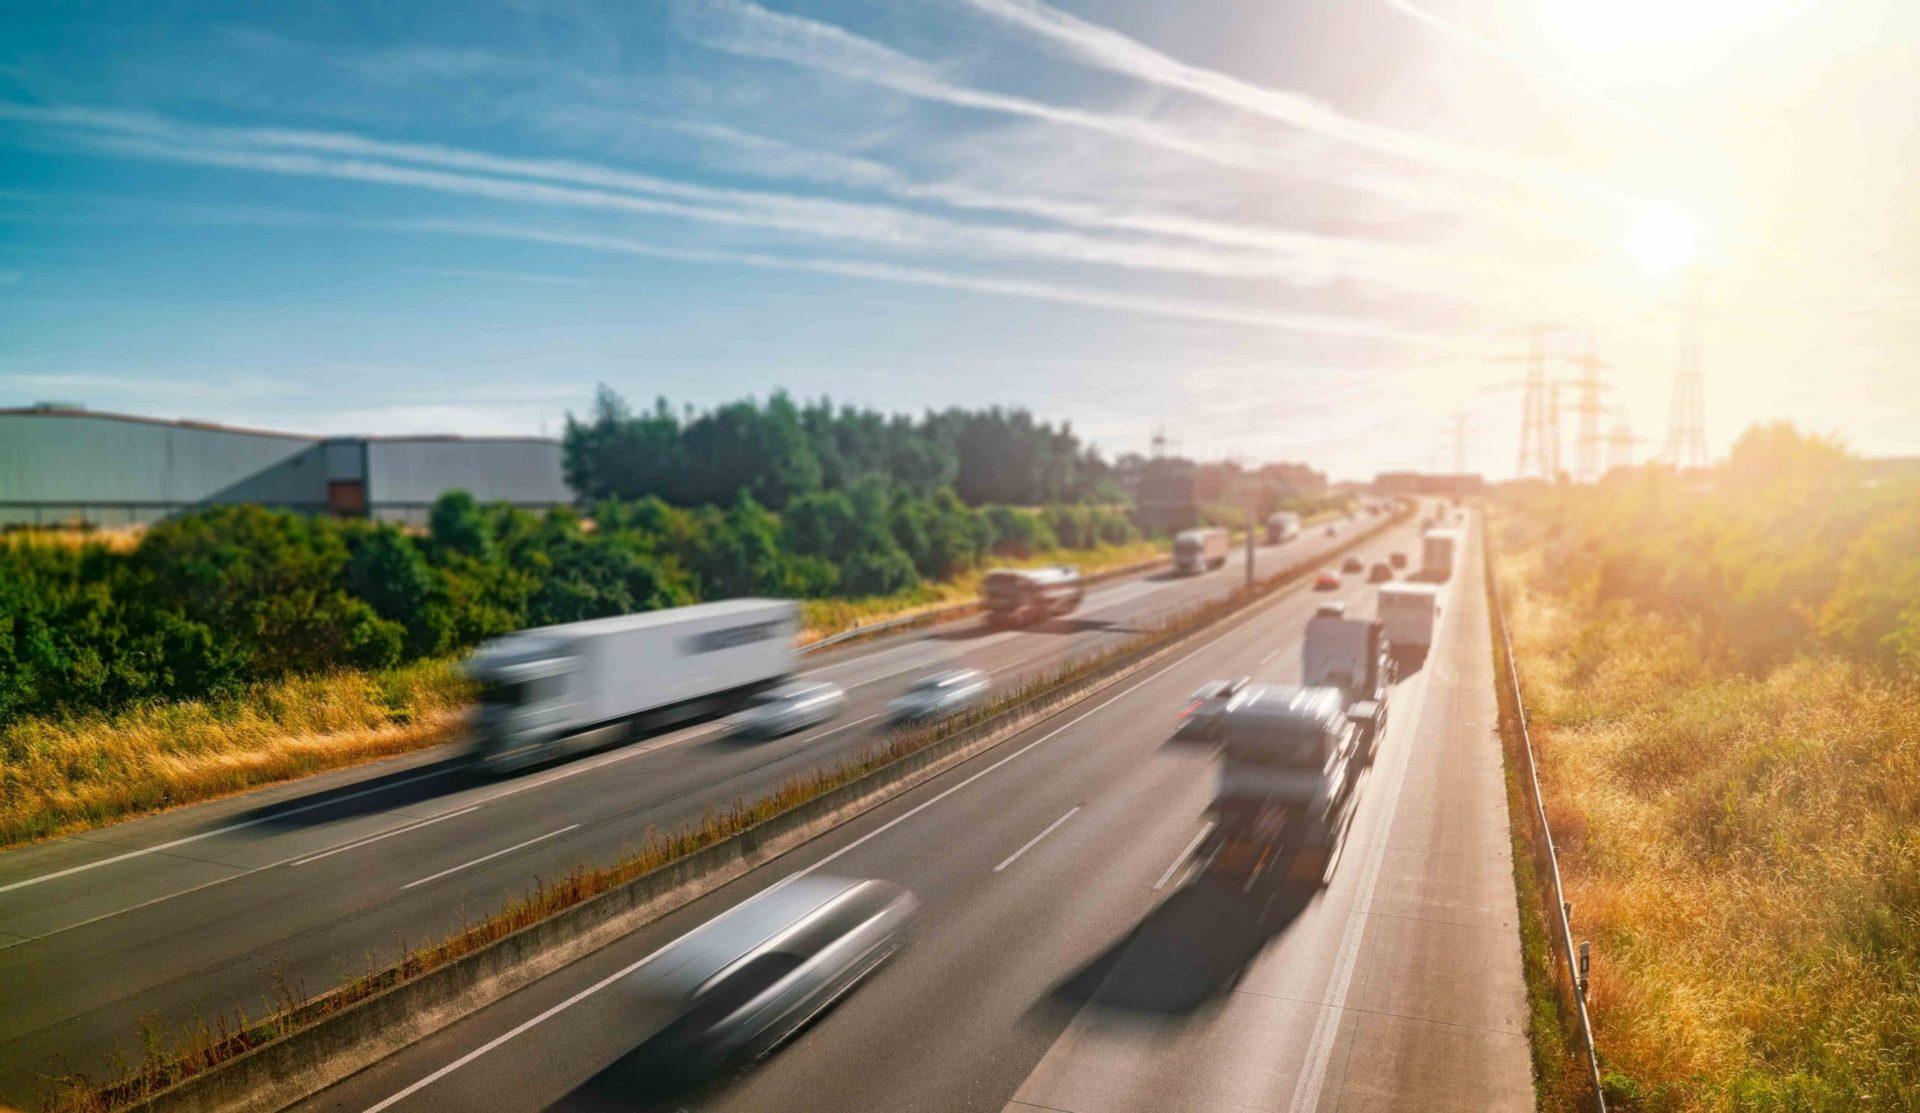 Landstraße mit Autos